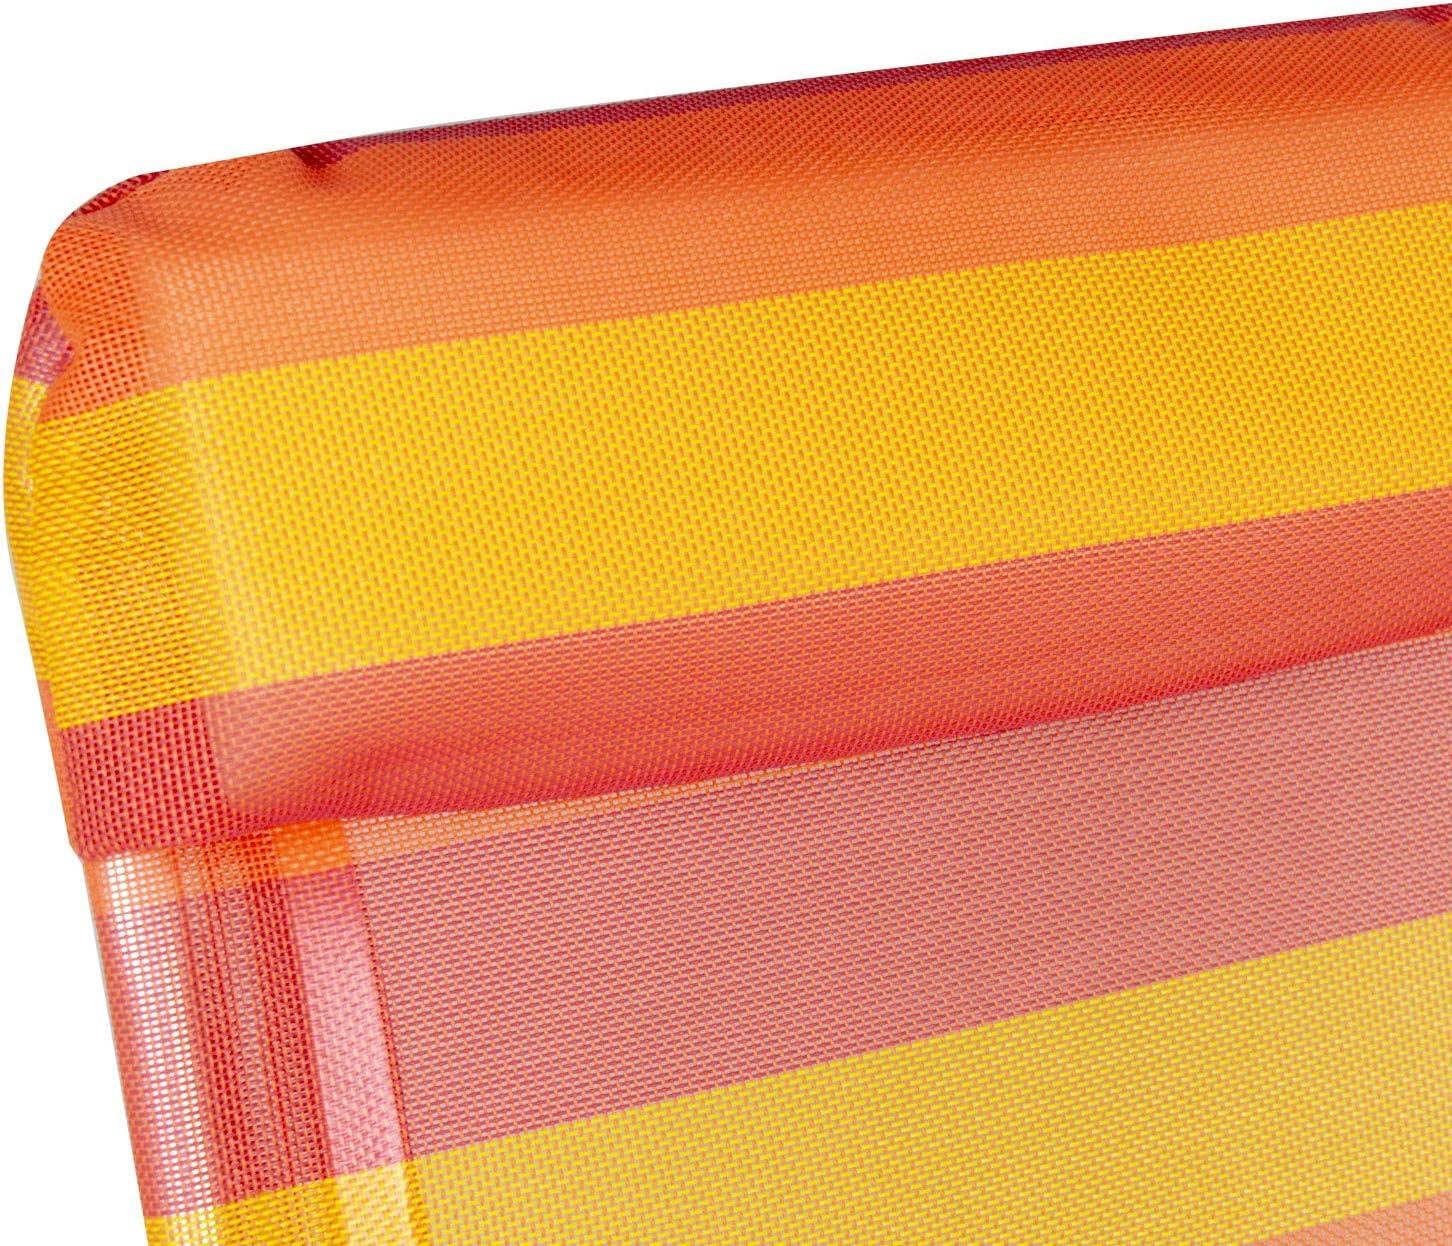 C Media Trade SL Poltroncina Textilene XYC-011 Colorata ONSHORE a Strisce Schienale reclinabile